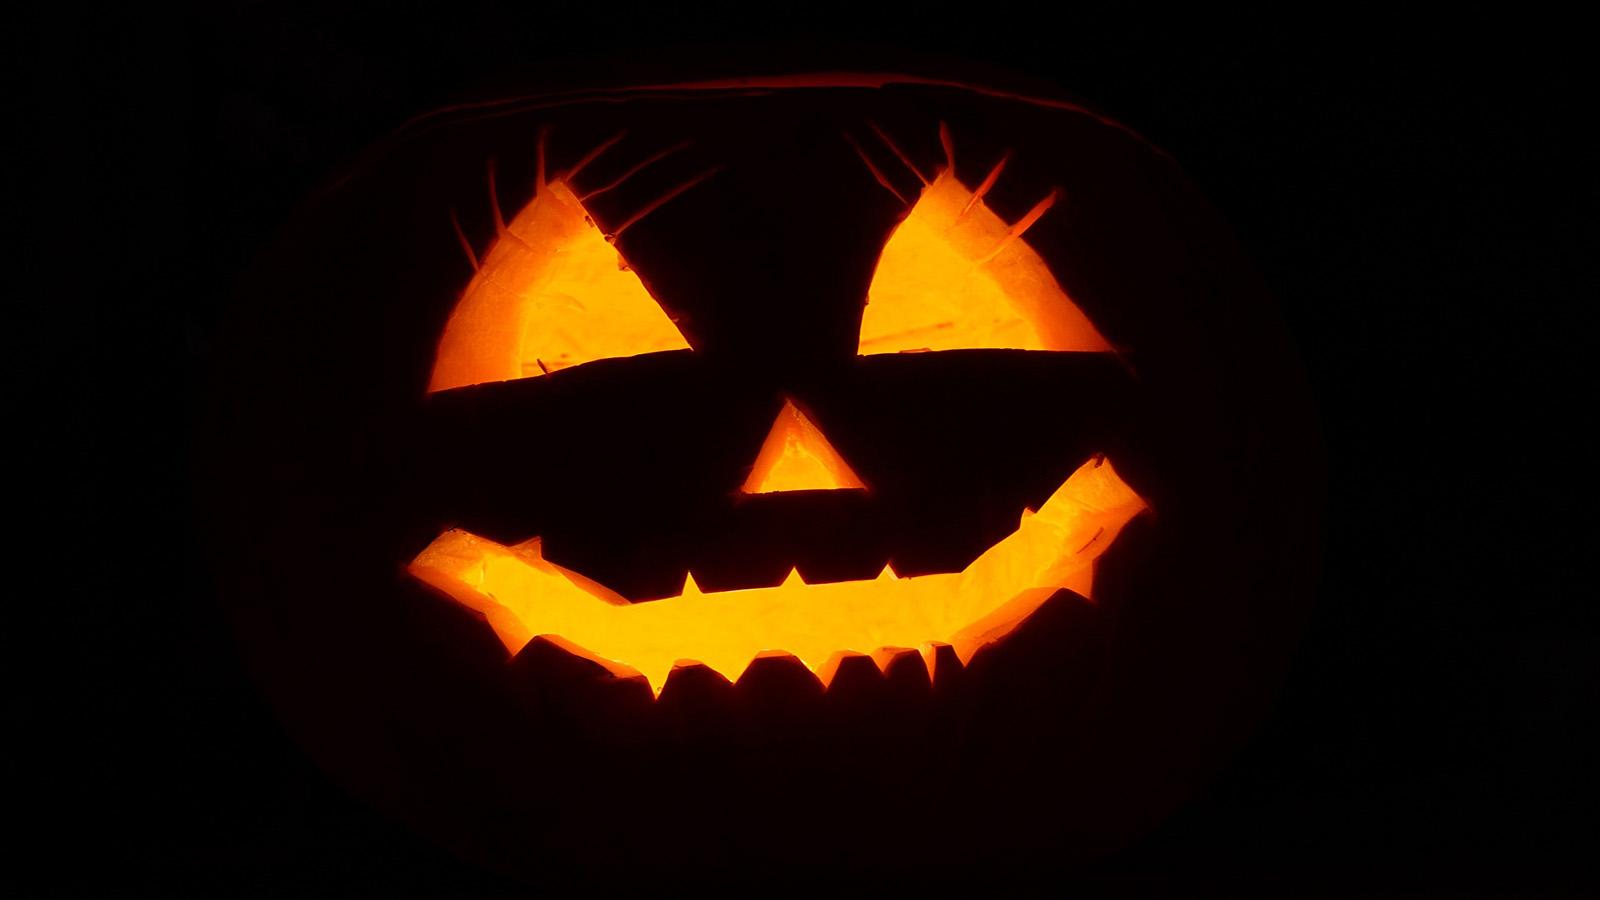 Intagliare Zucca Per Halloween Disegni zucca e non solo: tante idee per decorare la casa per halloween